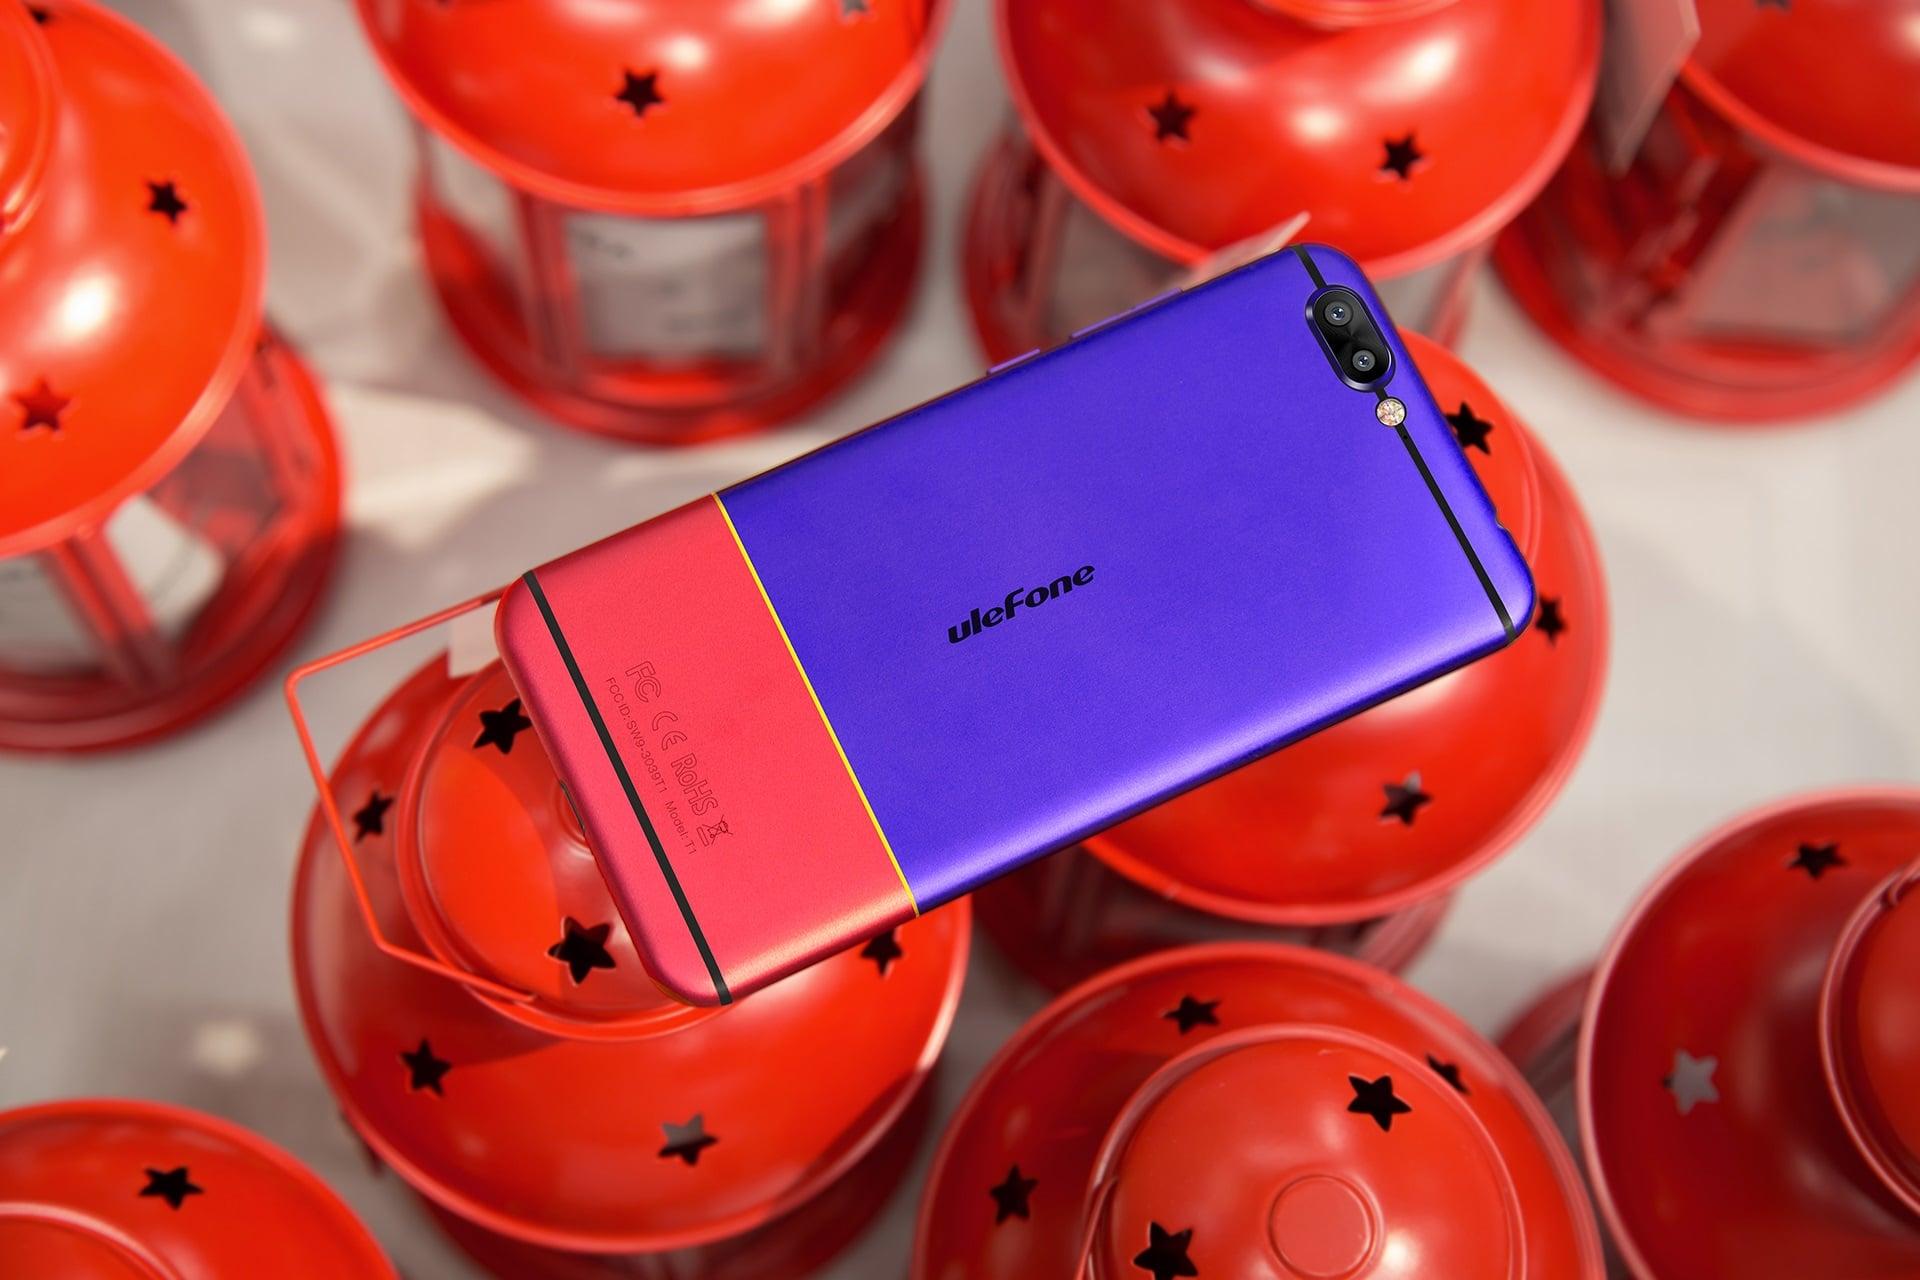 Ulefone T1 Premium oficjalnie w Polsce. Cena nie jest najniższa, ale smartfon oferuje dużo 20